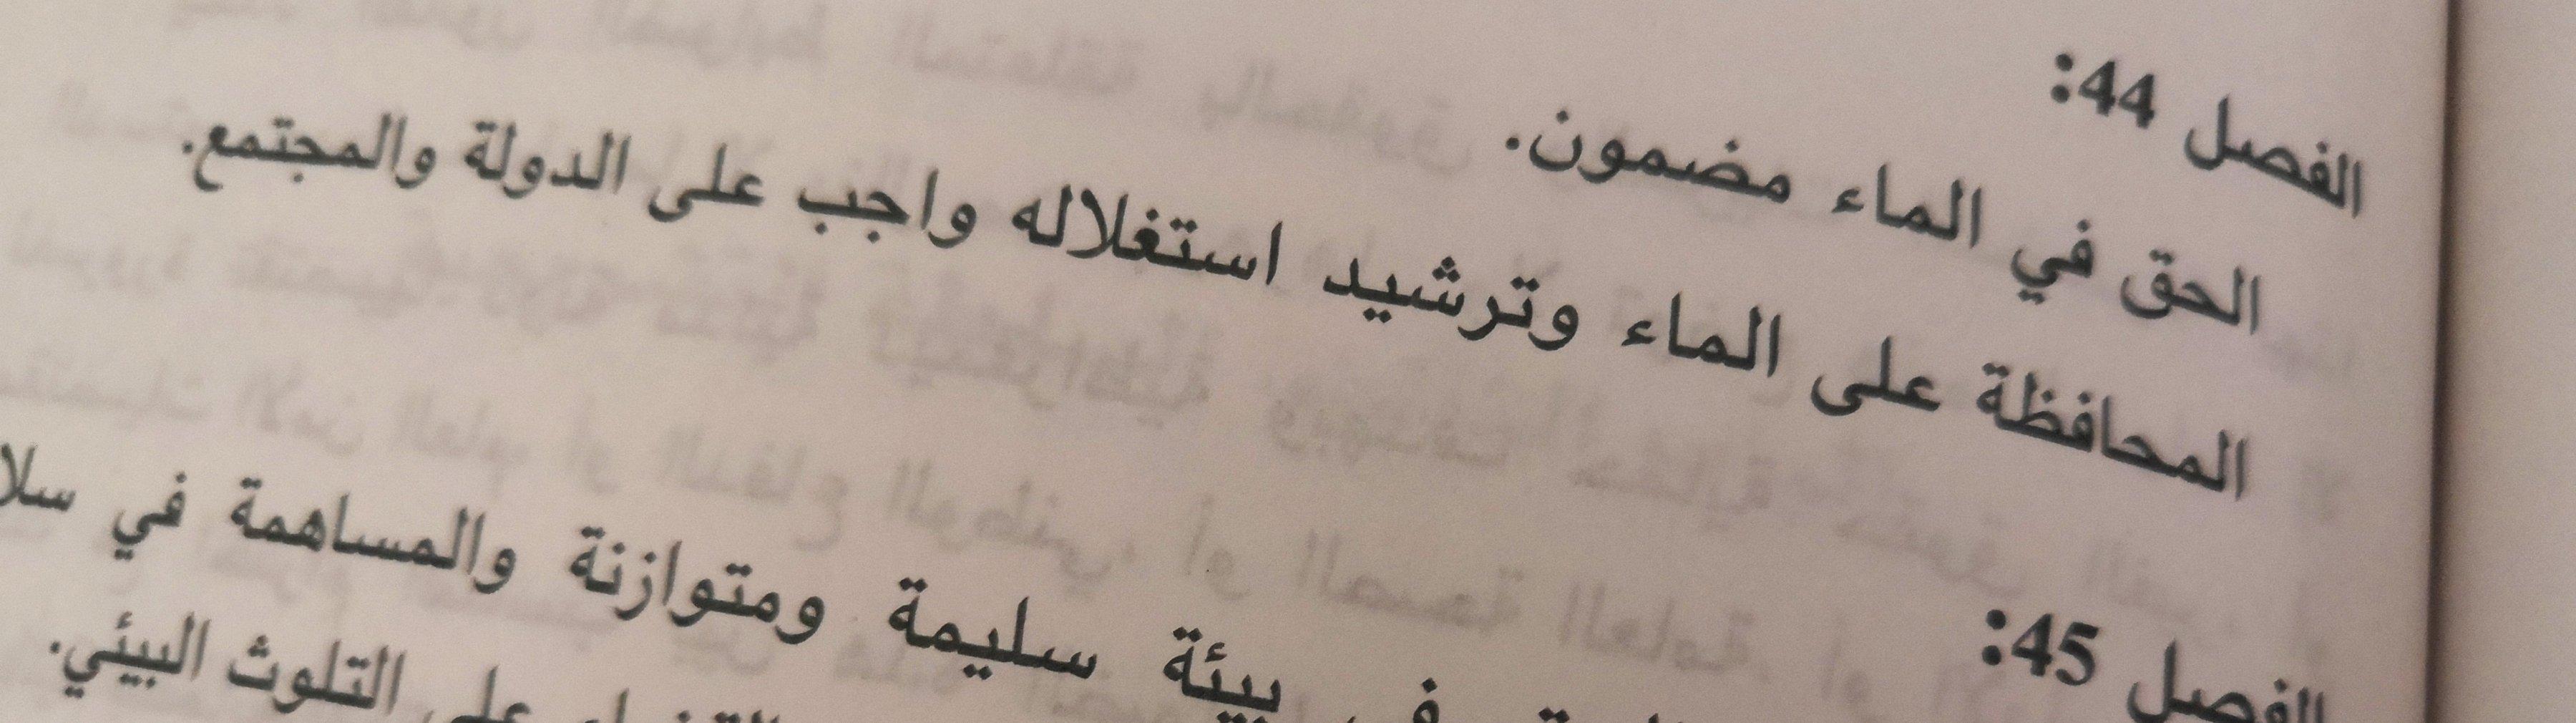 Auszug aus der tunesischen Verfassung, Artikel 44